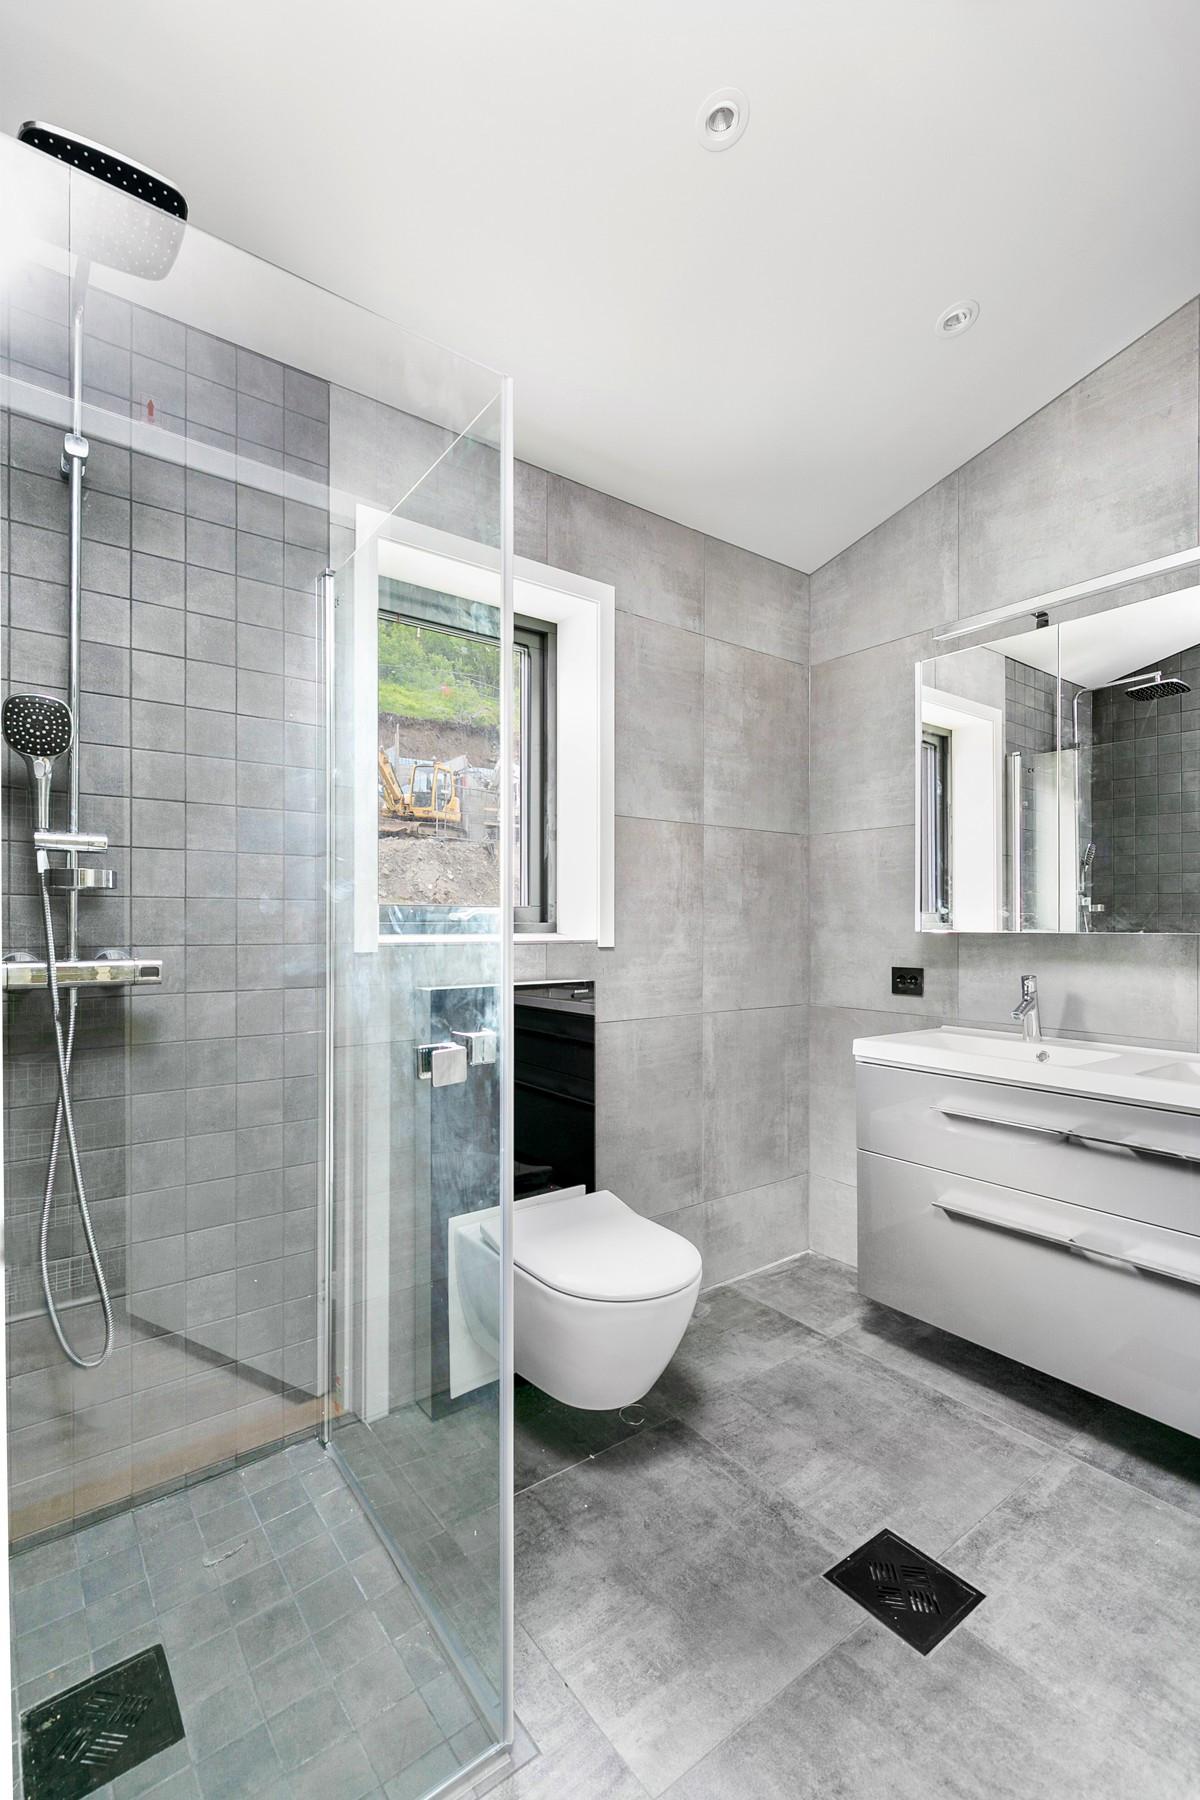 """Bad tilknyttet hovedsoverom er komplett flislagt med gulvarme og moderne innredet med dobbelvask og ledlys i skap og speil, samt dusj med """"waterfall"""""""